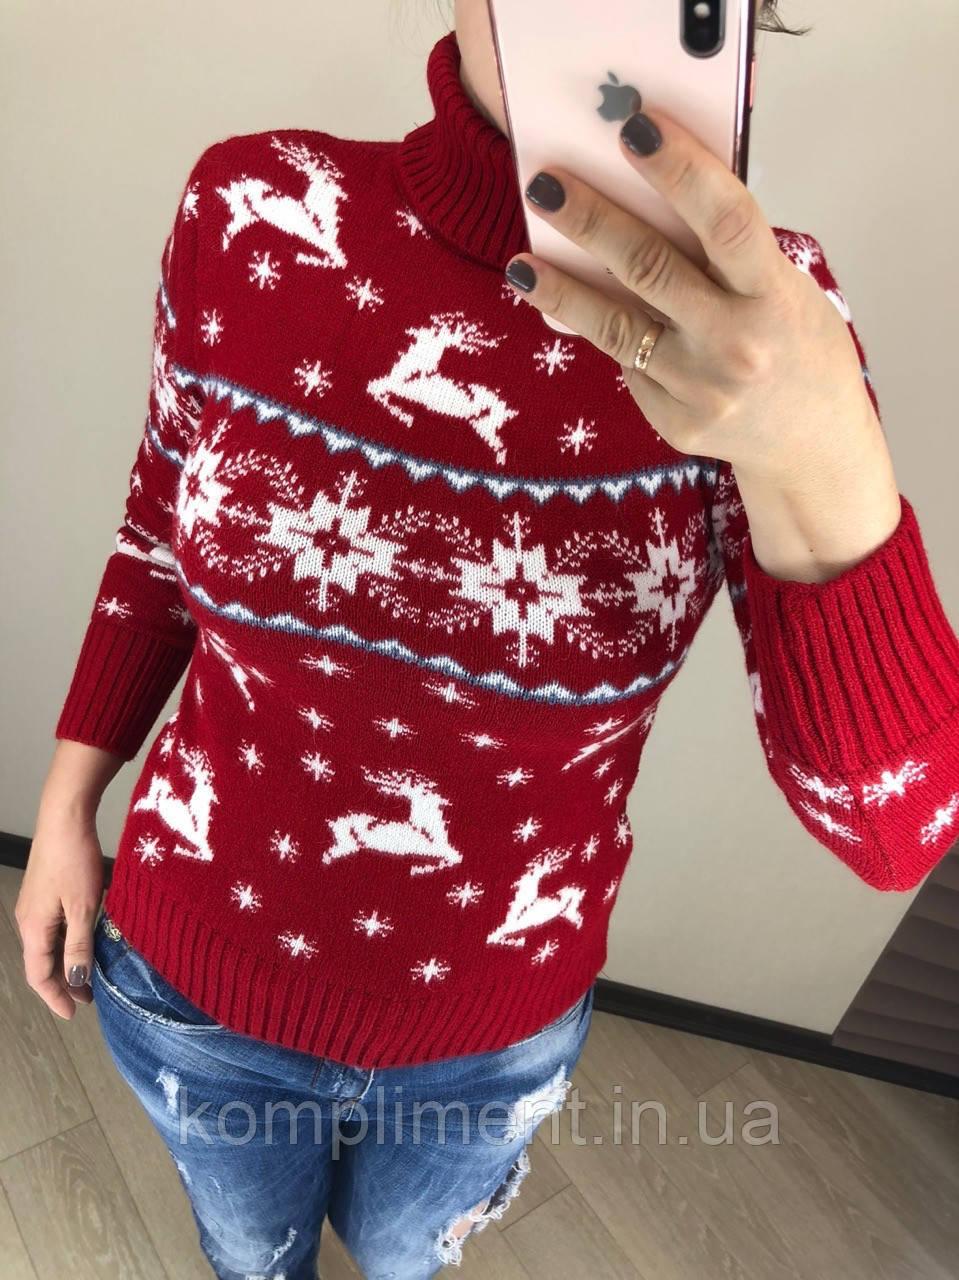 Шерстяной турецкий вязаный свитер под горло с рисунком олени, красный